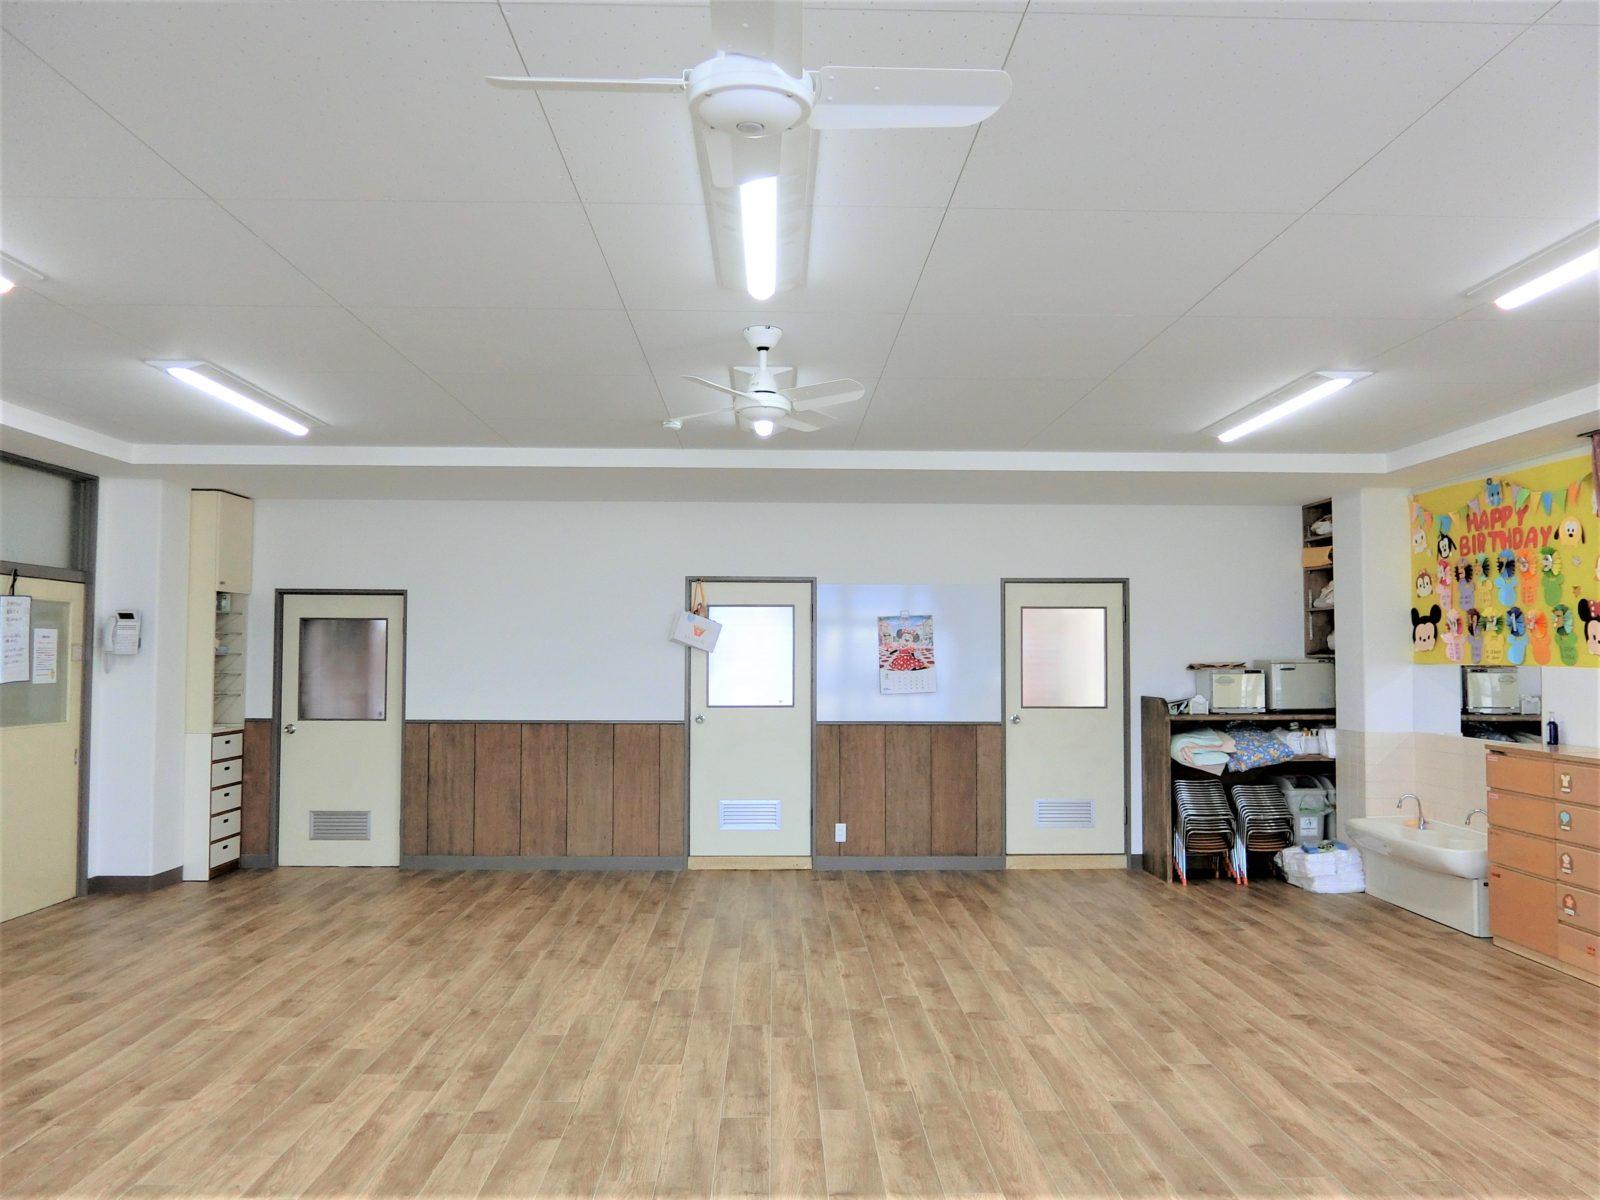 おしゃれな内装の保育室3